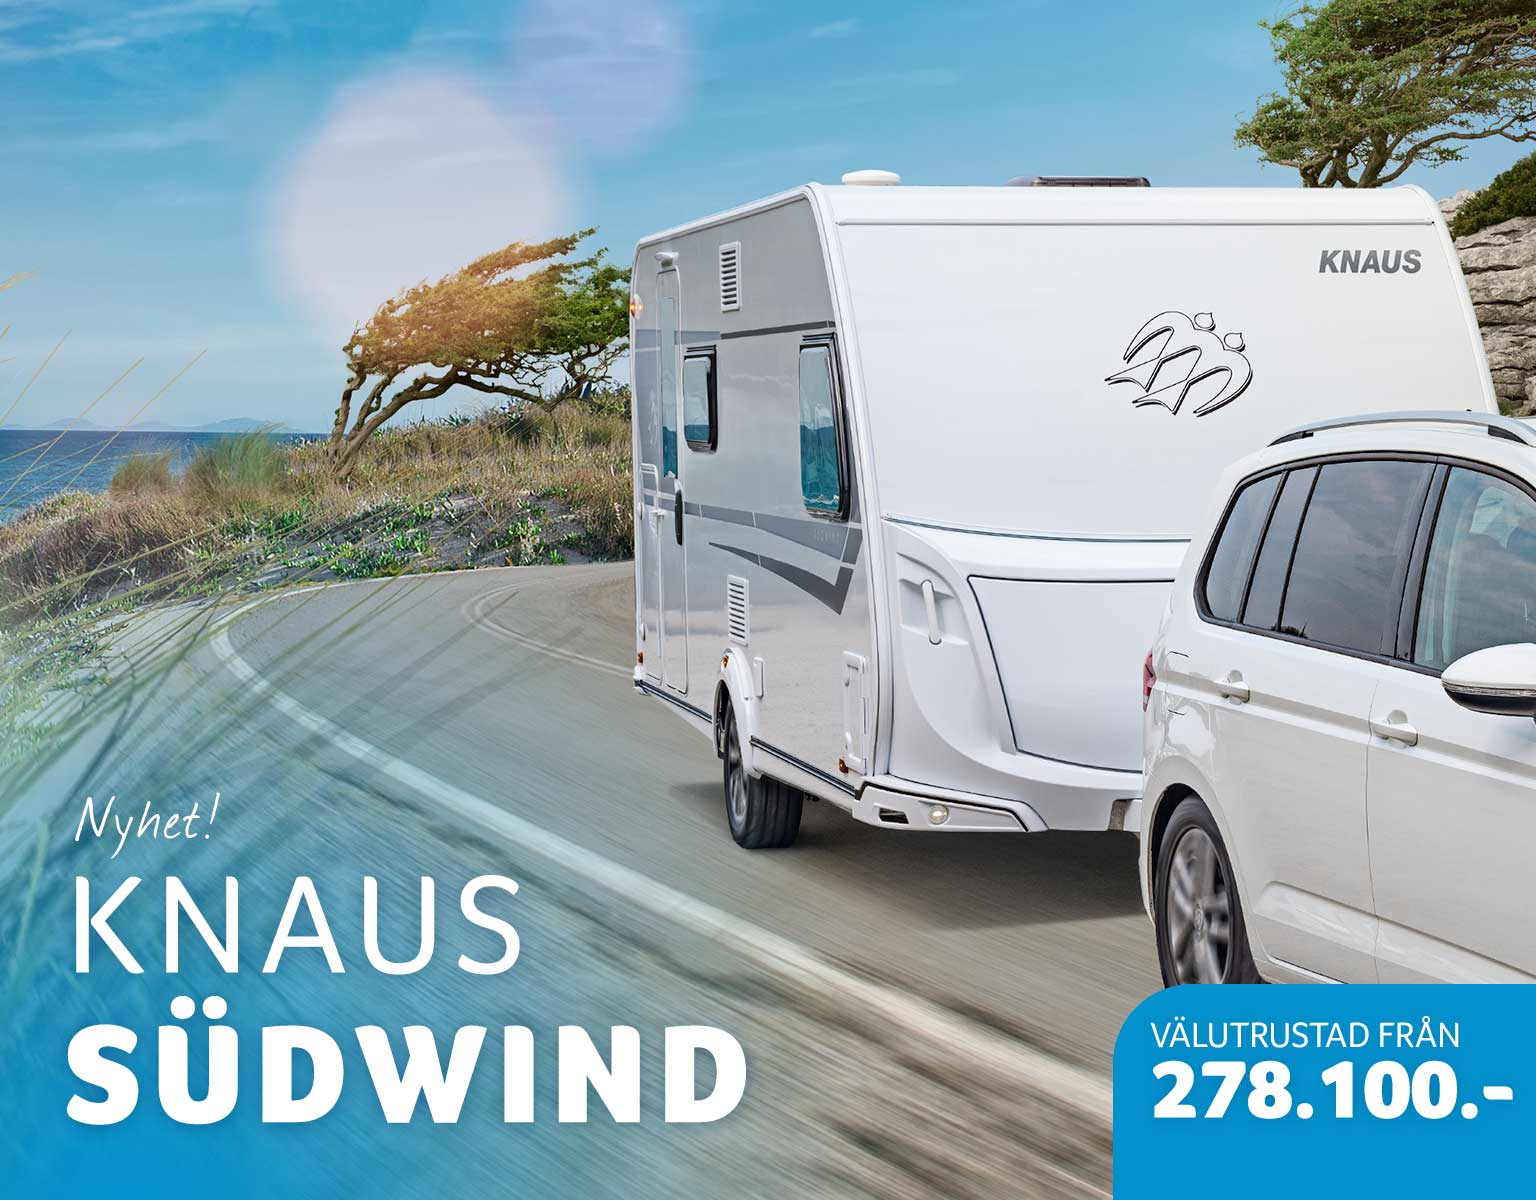 Knaus Südwind